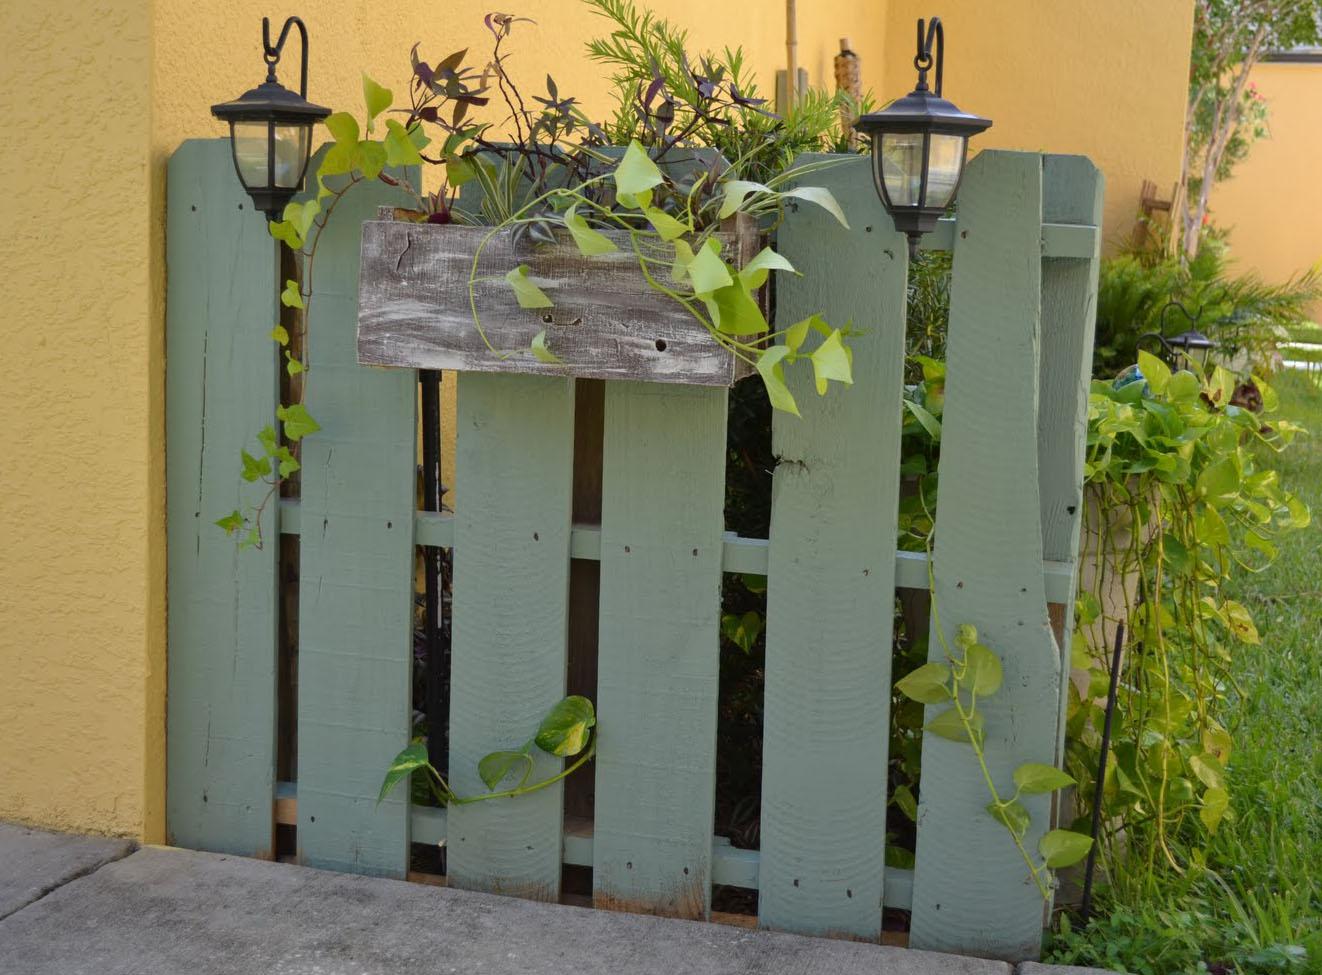 Decorazioni giardino fai da te guida giardino for Creazioni giardini